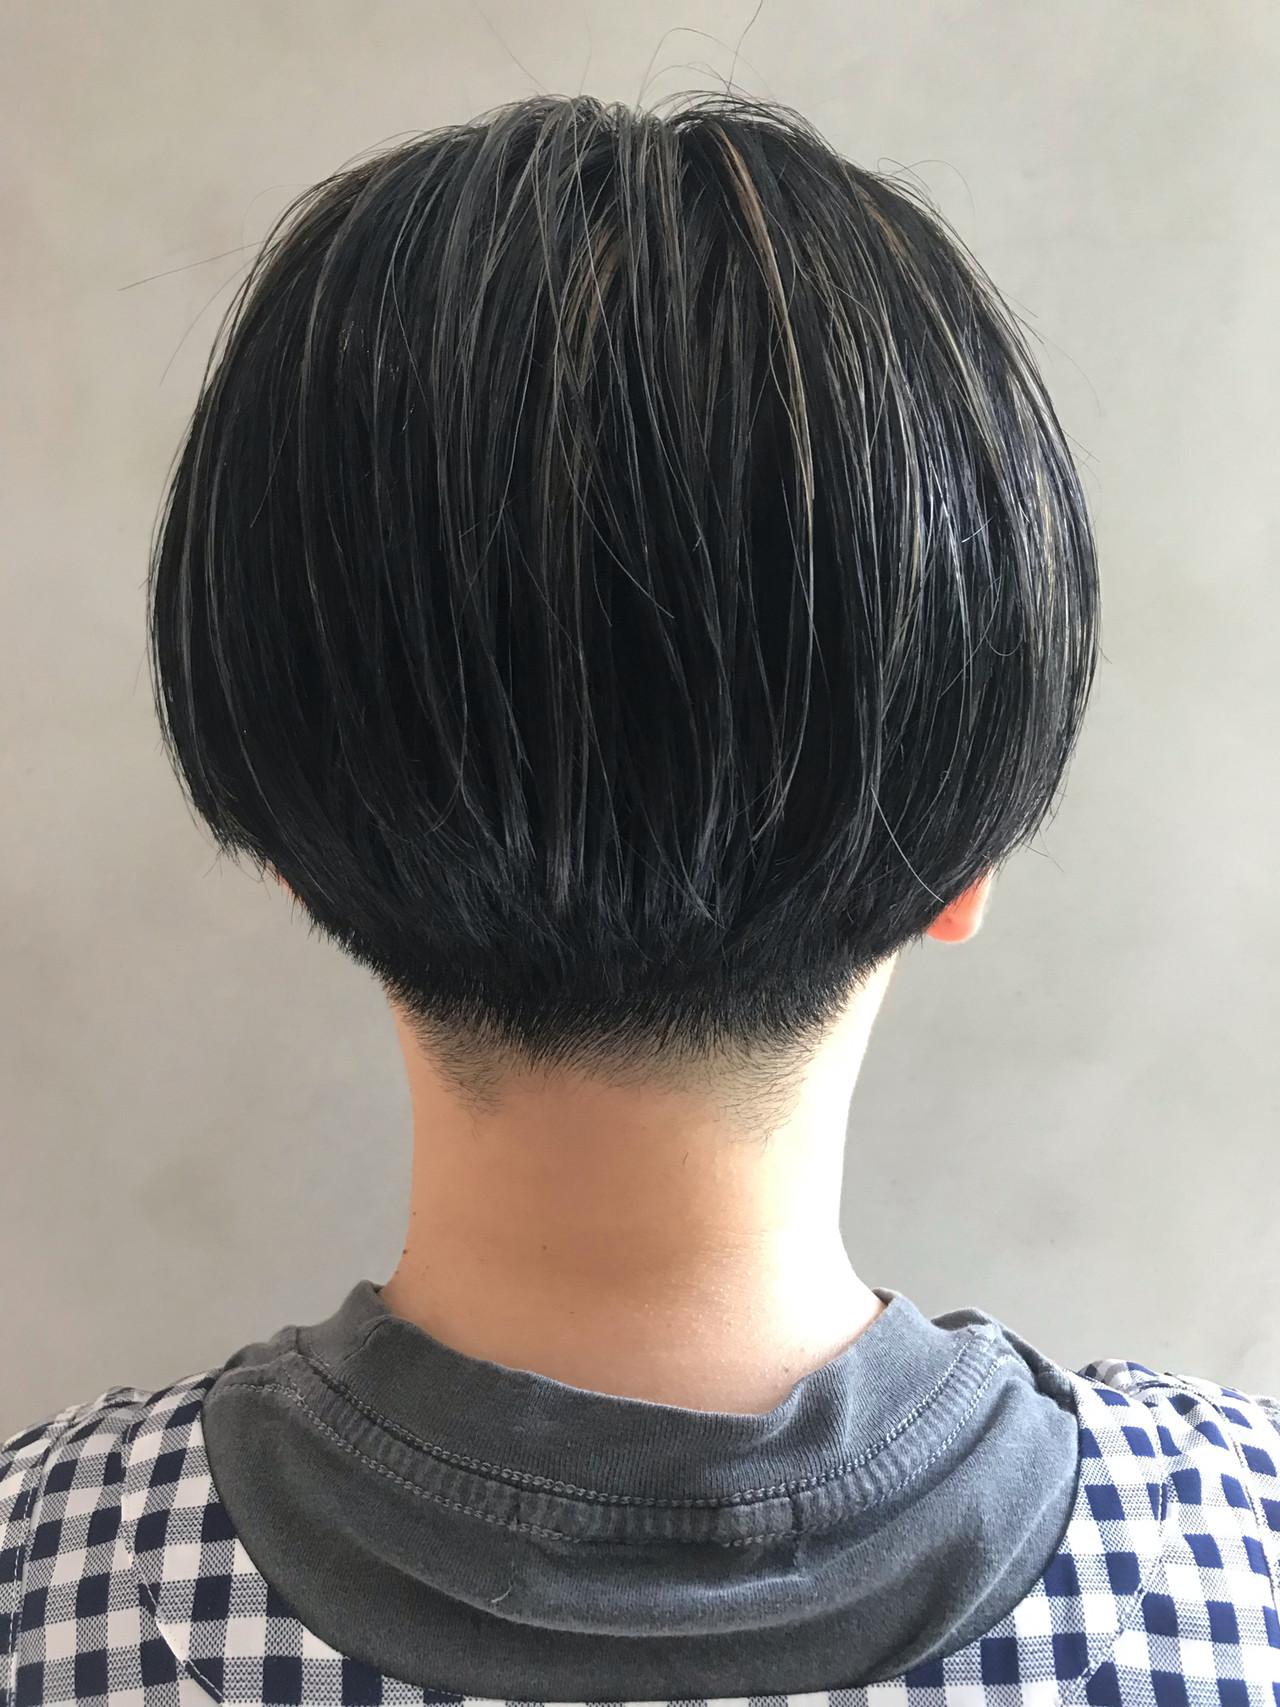 3Dハイライト 黒髪ショート 透け感ヘア ショートヘア ヘアスタイルや髪型の写真・画像   星野 将 / salon IVY